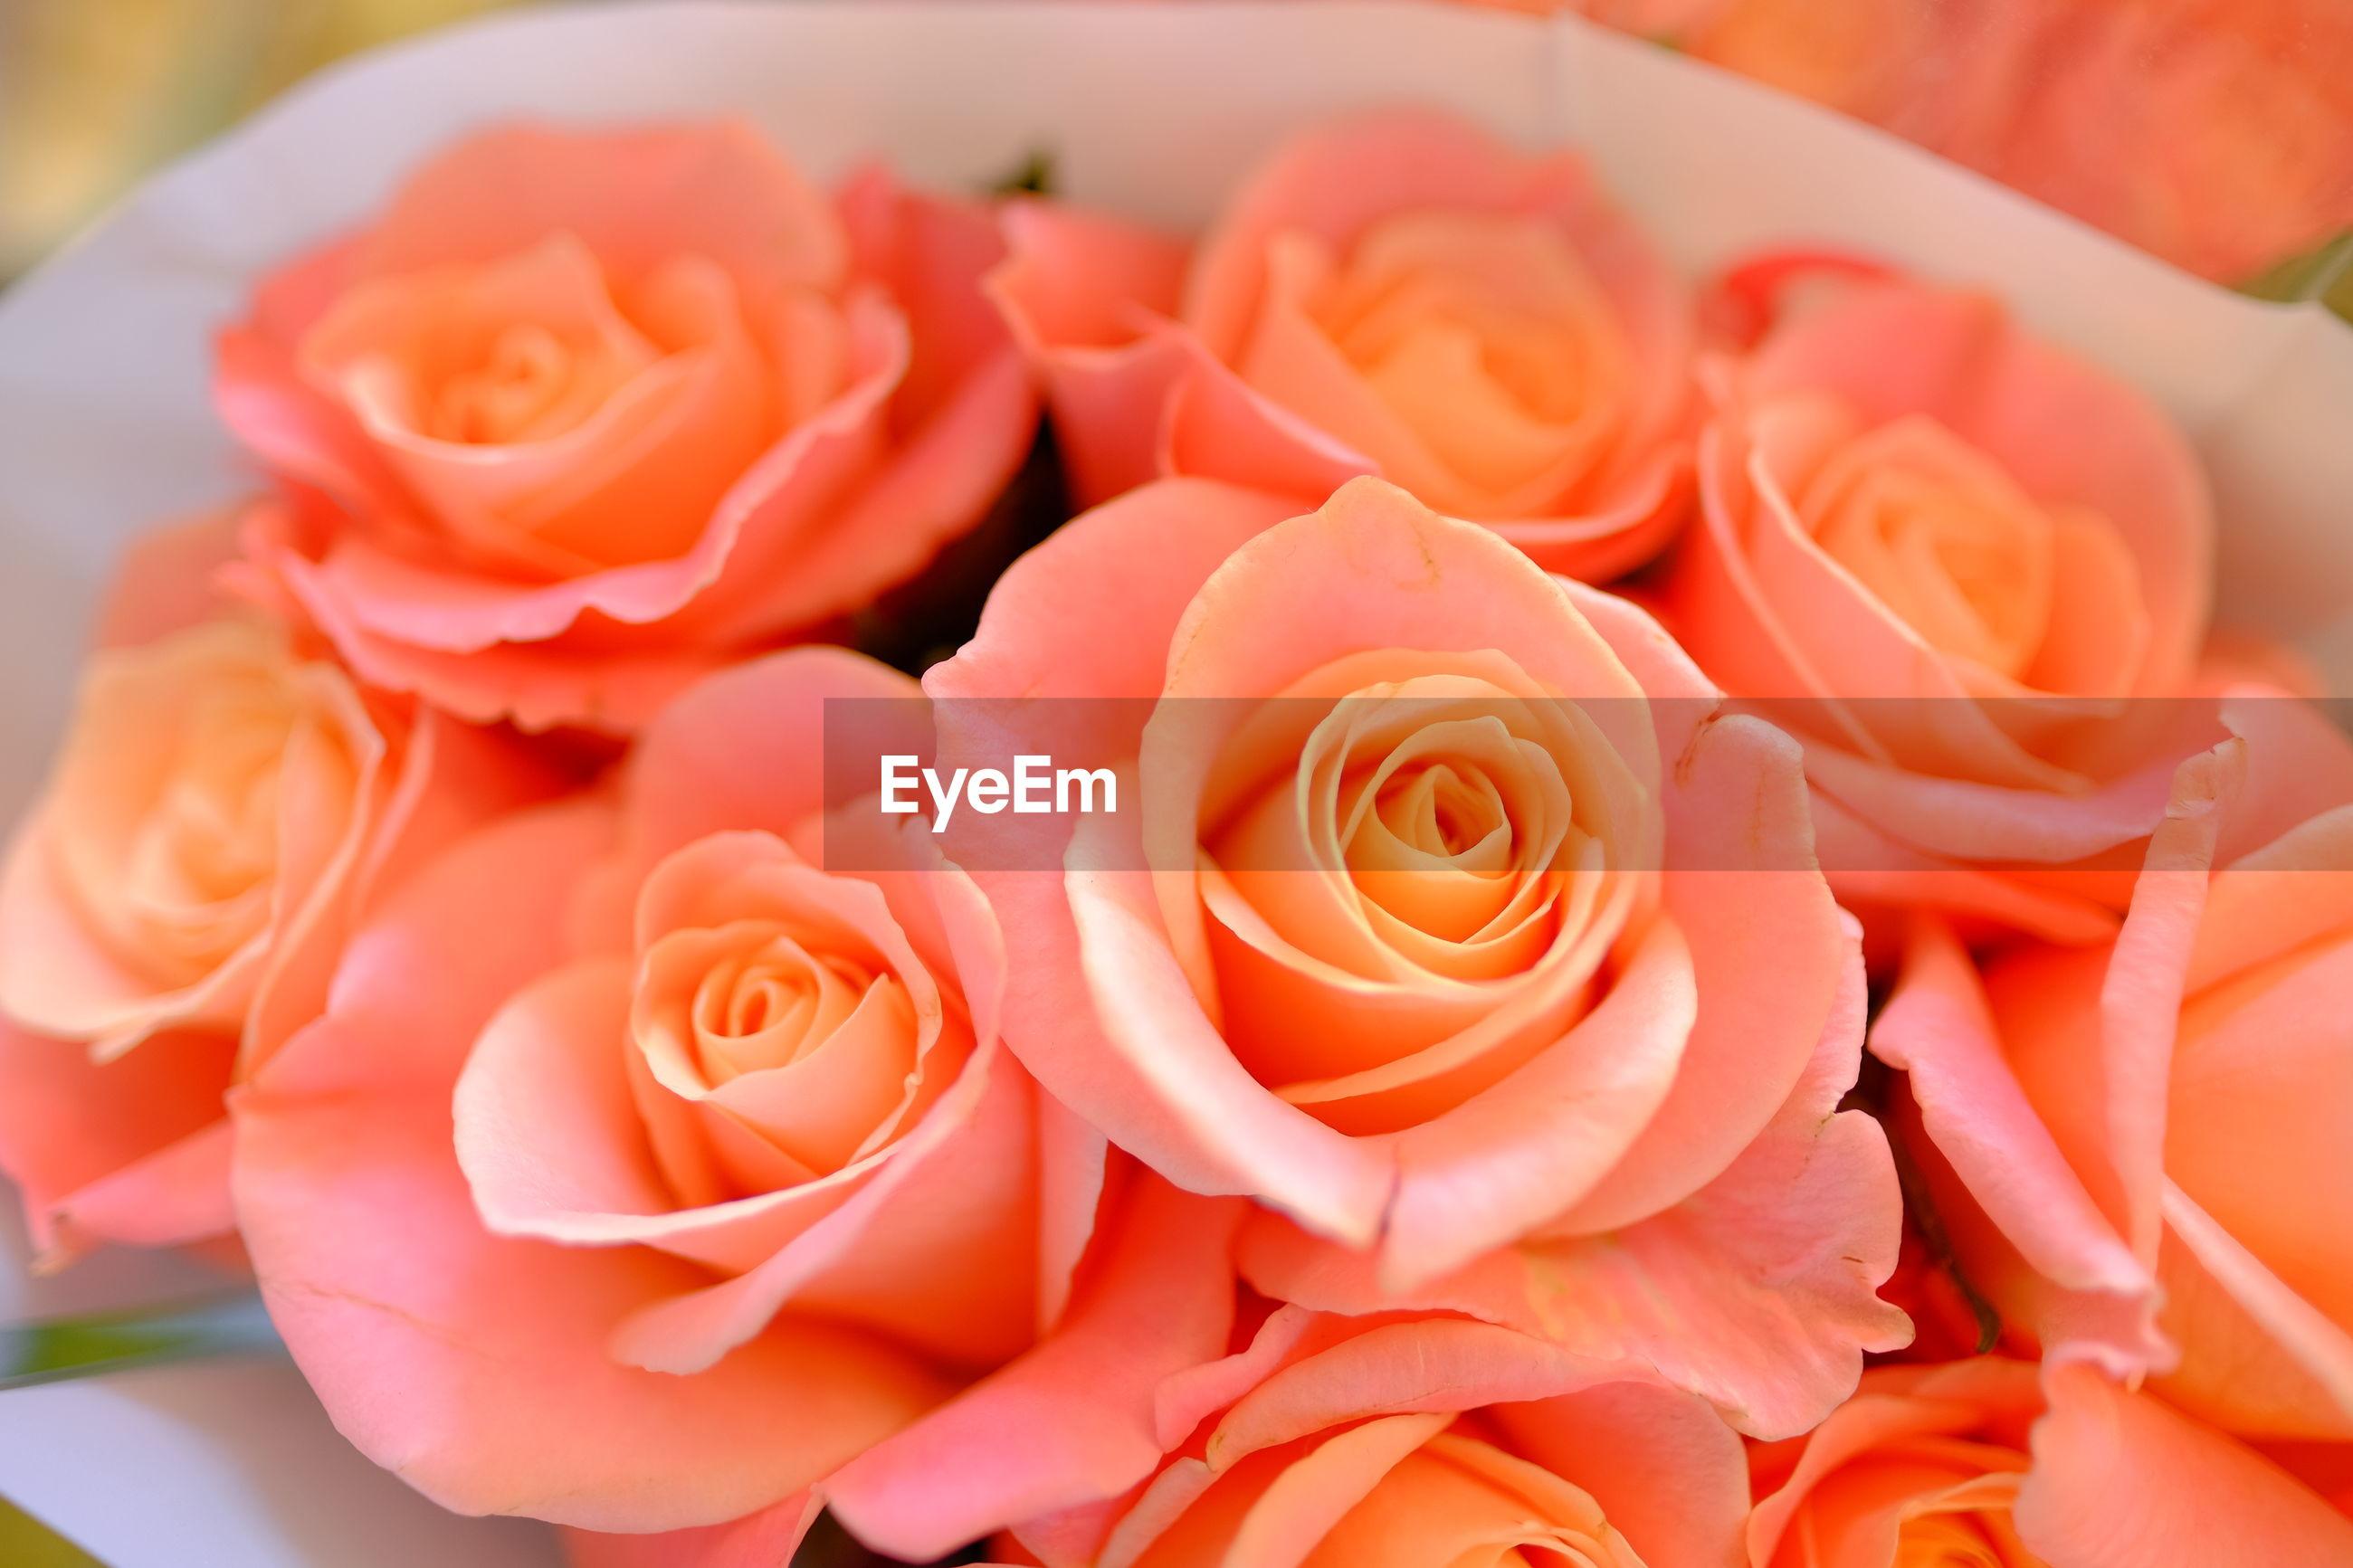 CLOSE-UP OF ROSES AGAINST ORANGE ROSE